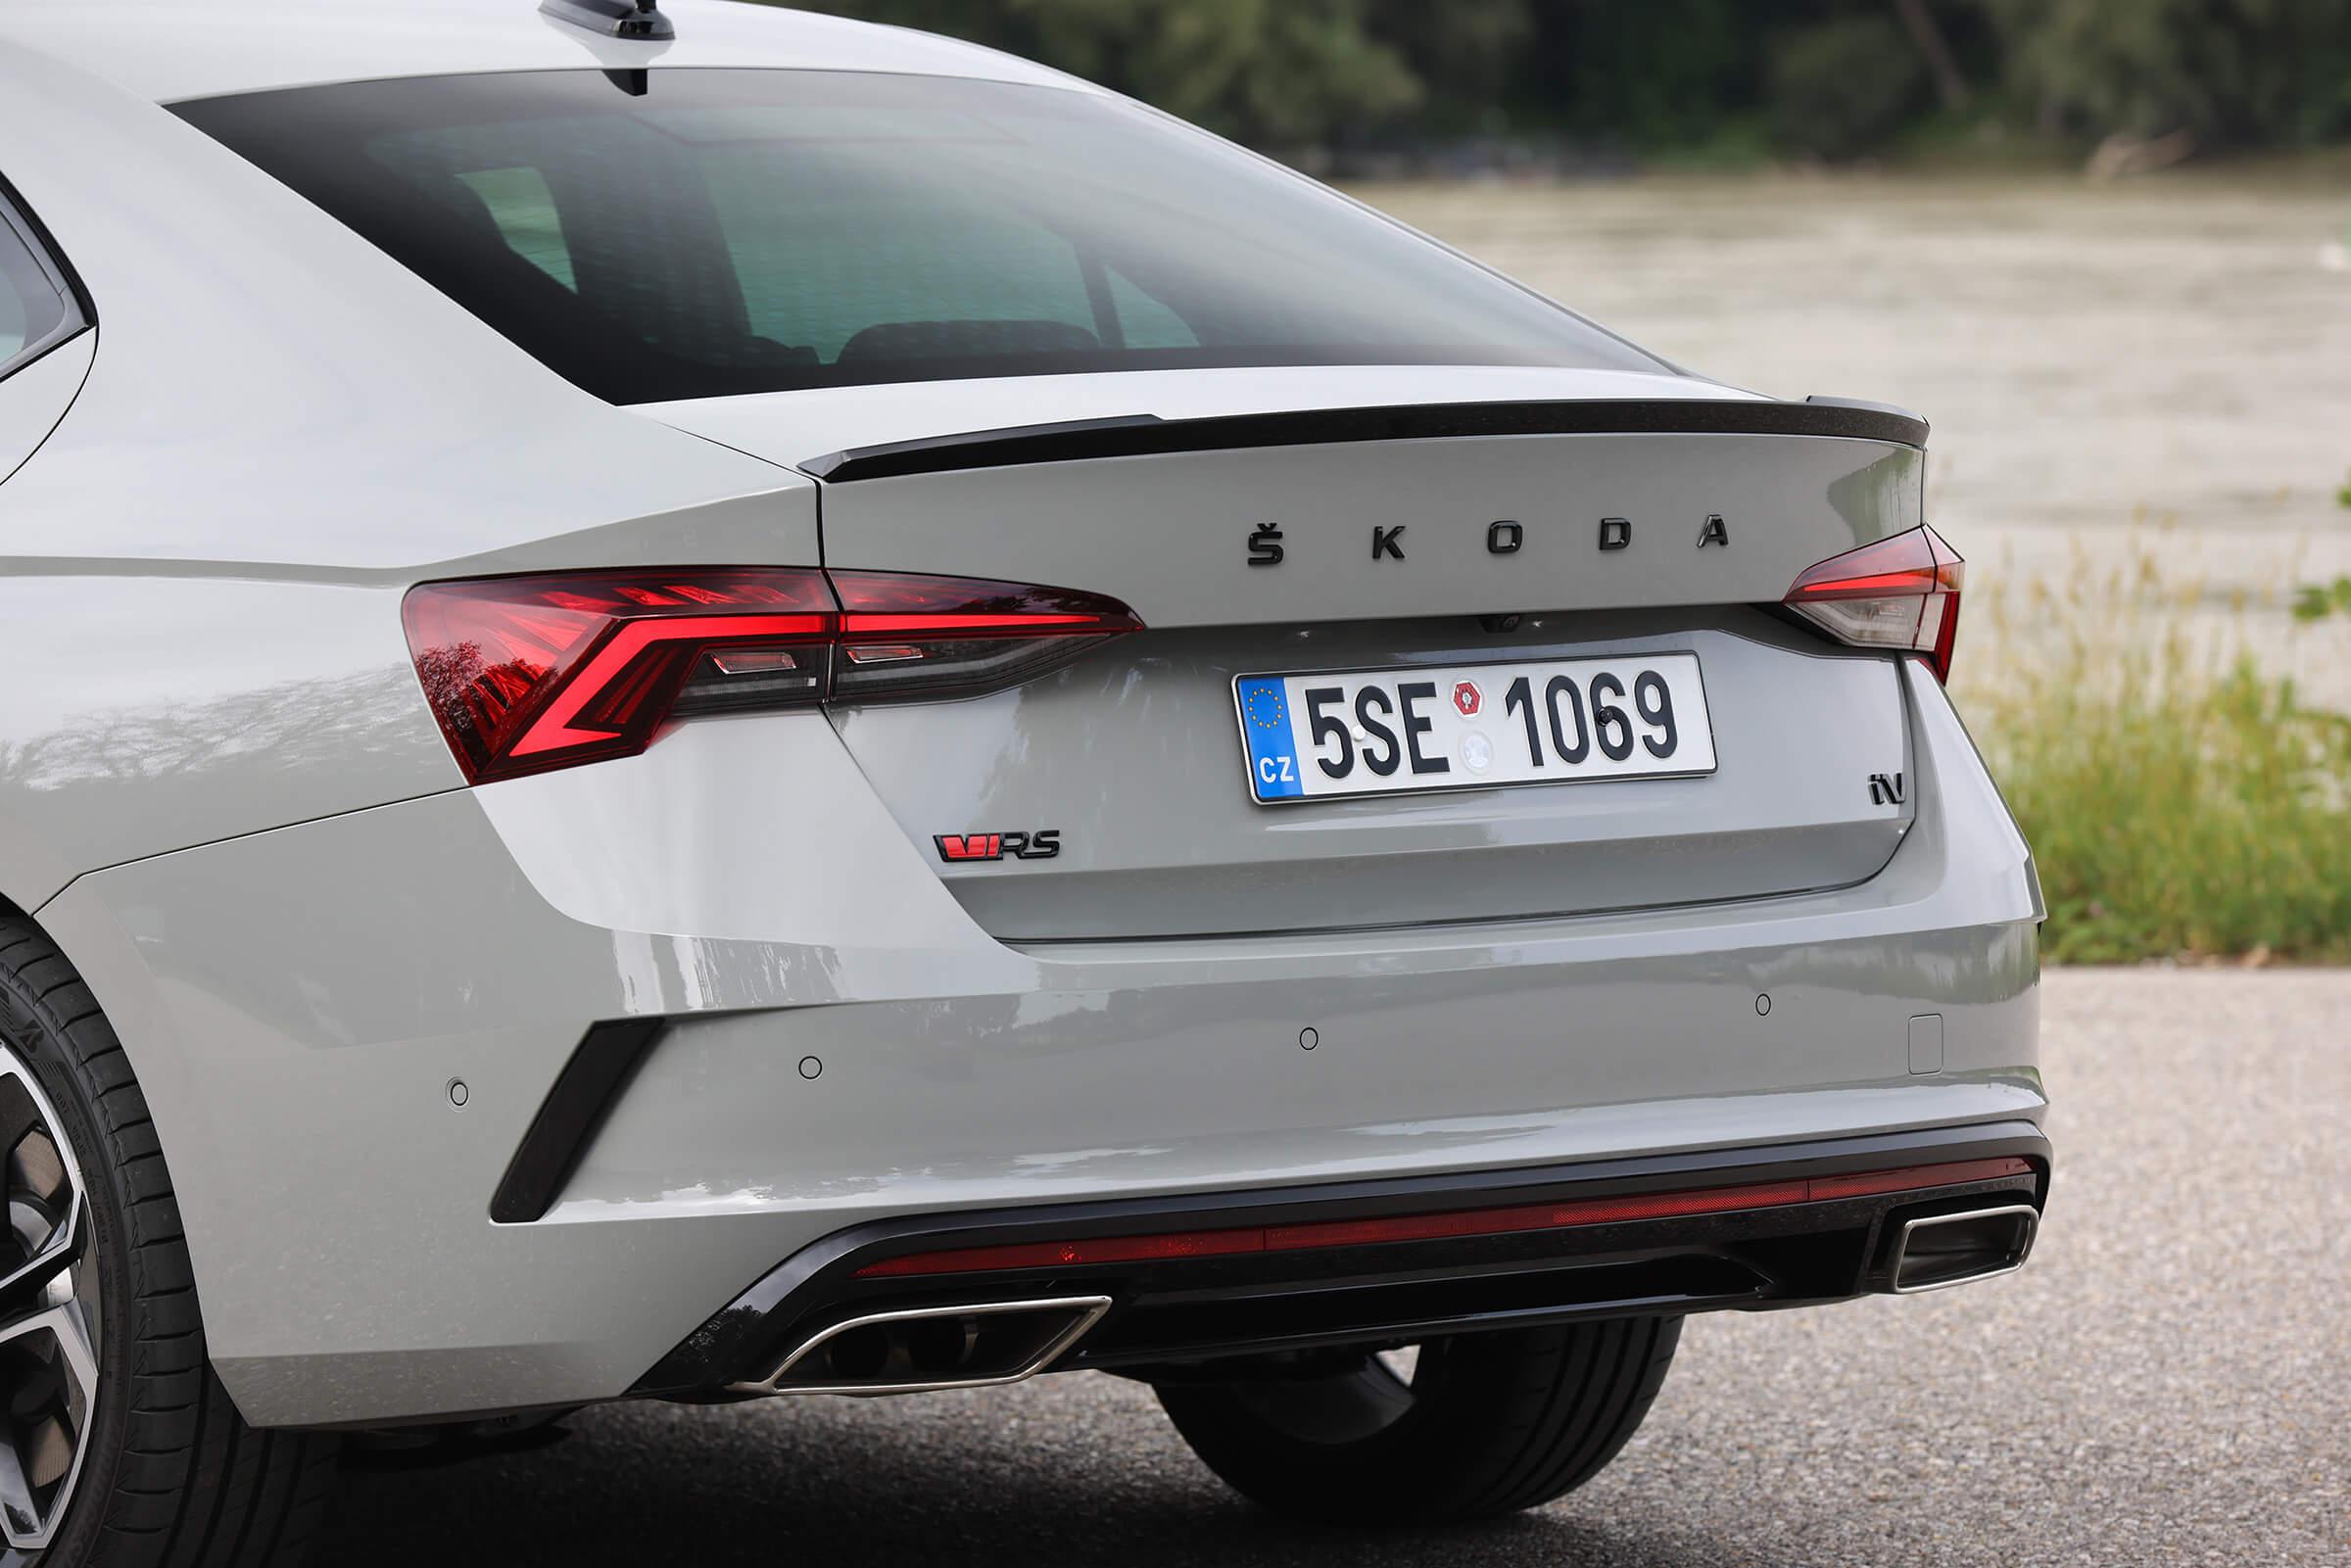 Skoda Octavia RS iV Grand Coupe